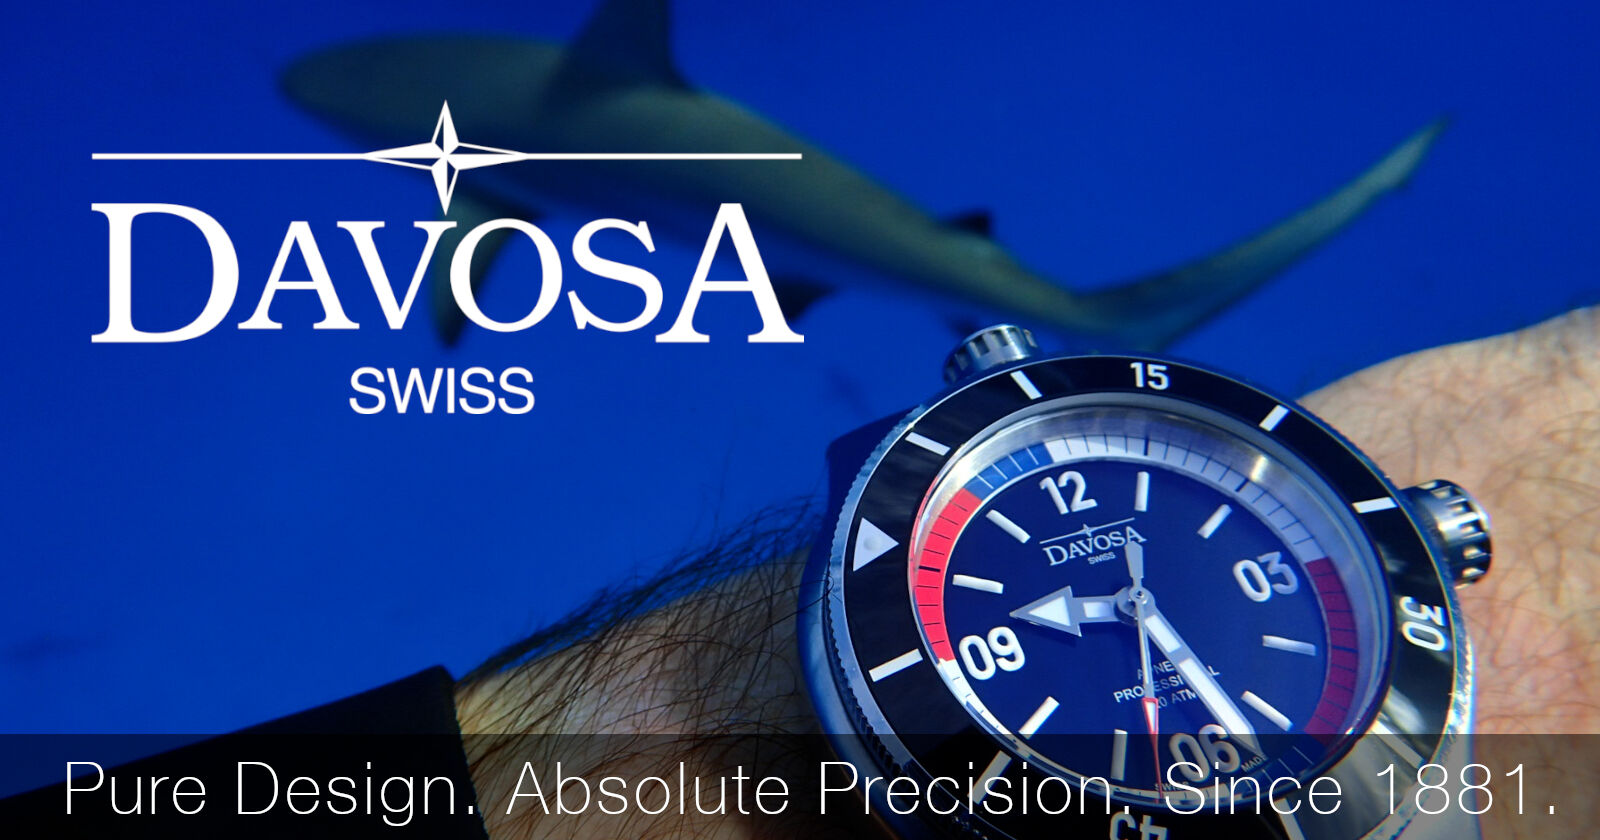 Davosa Watches